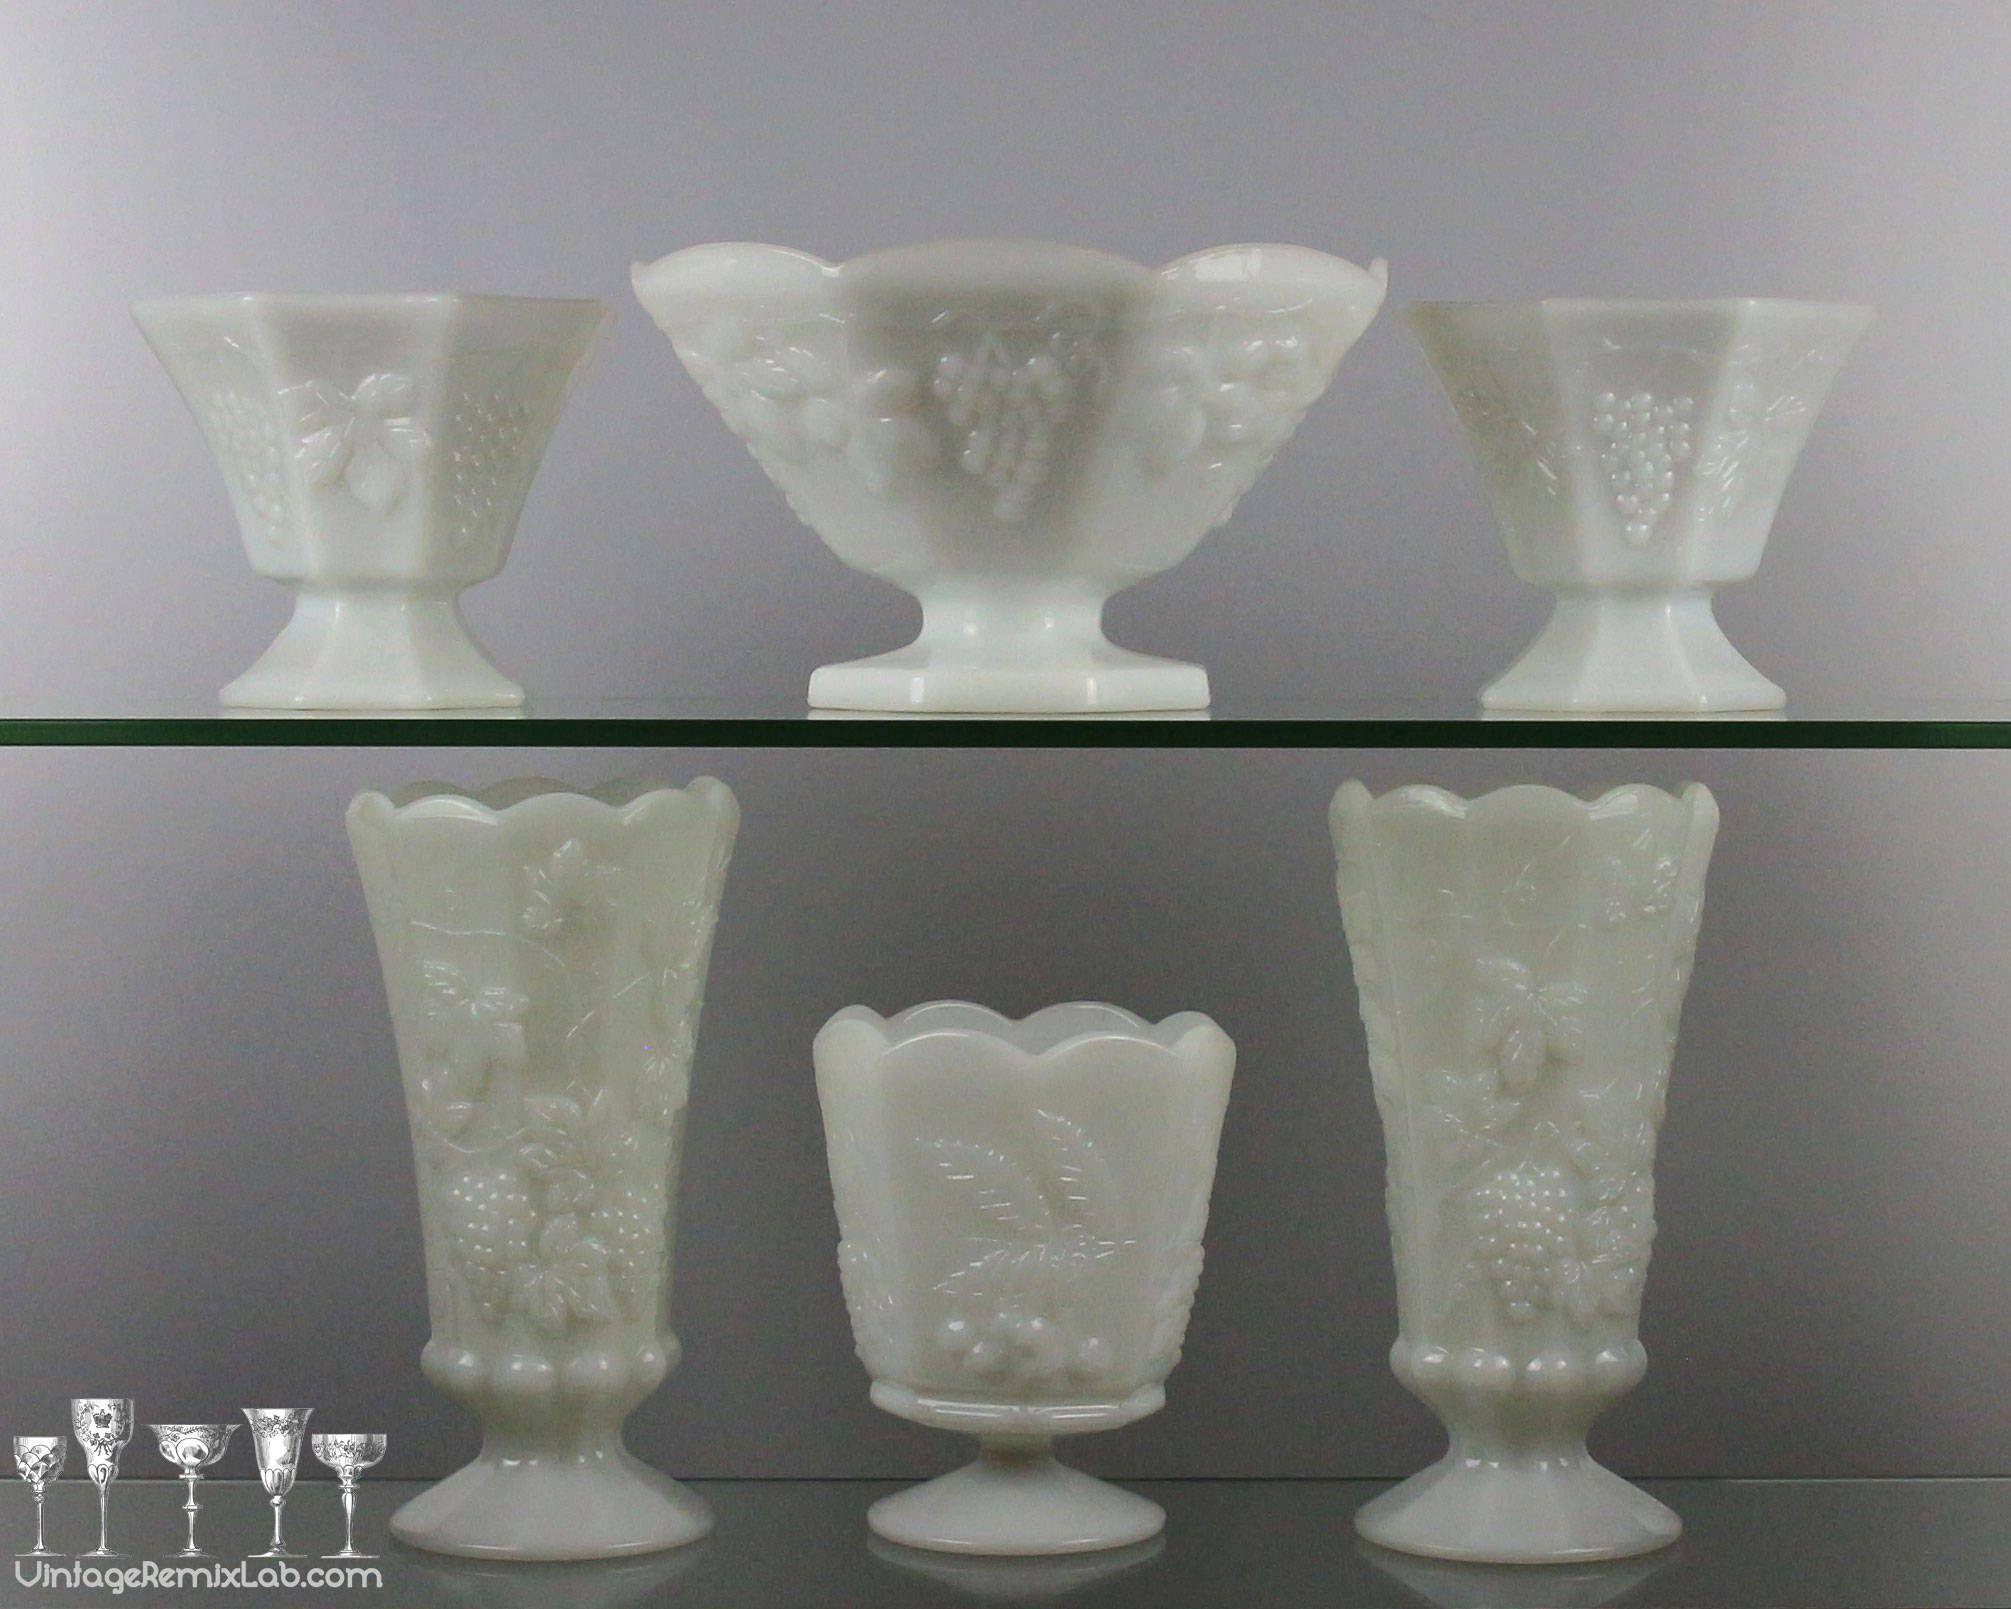 log vases for sale of 50 glass pedestal vase the weekly world within vintage 1950s milk glass pedestal vases • paneled grape design by